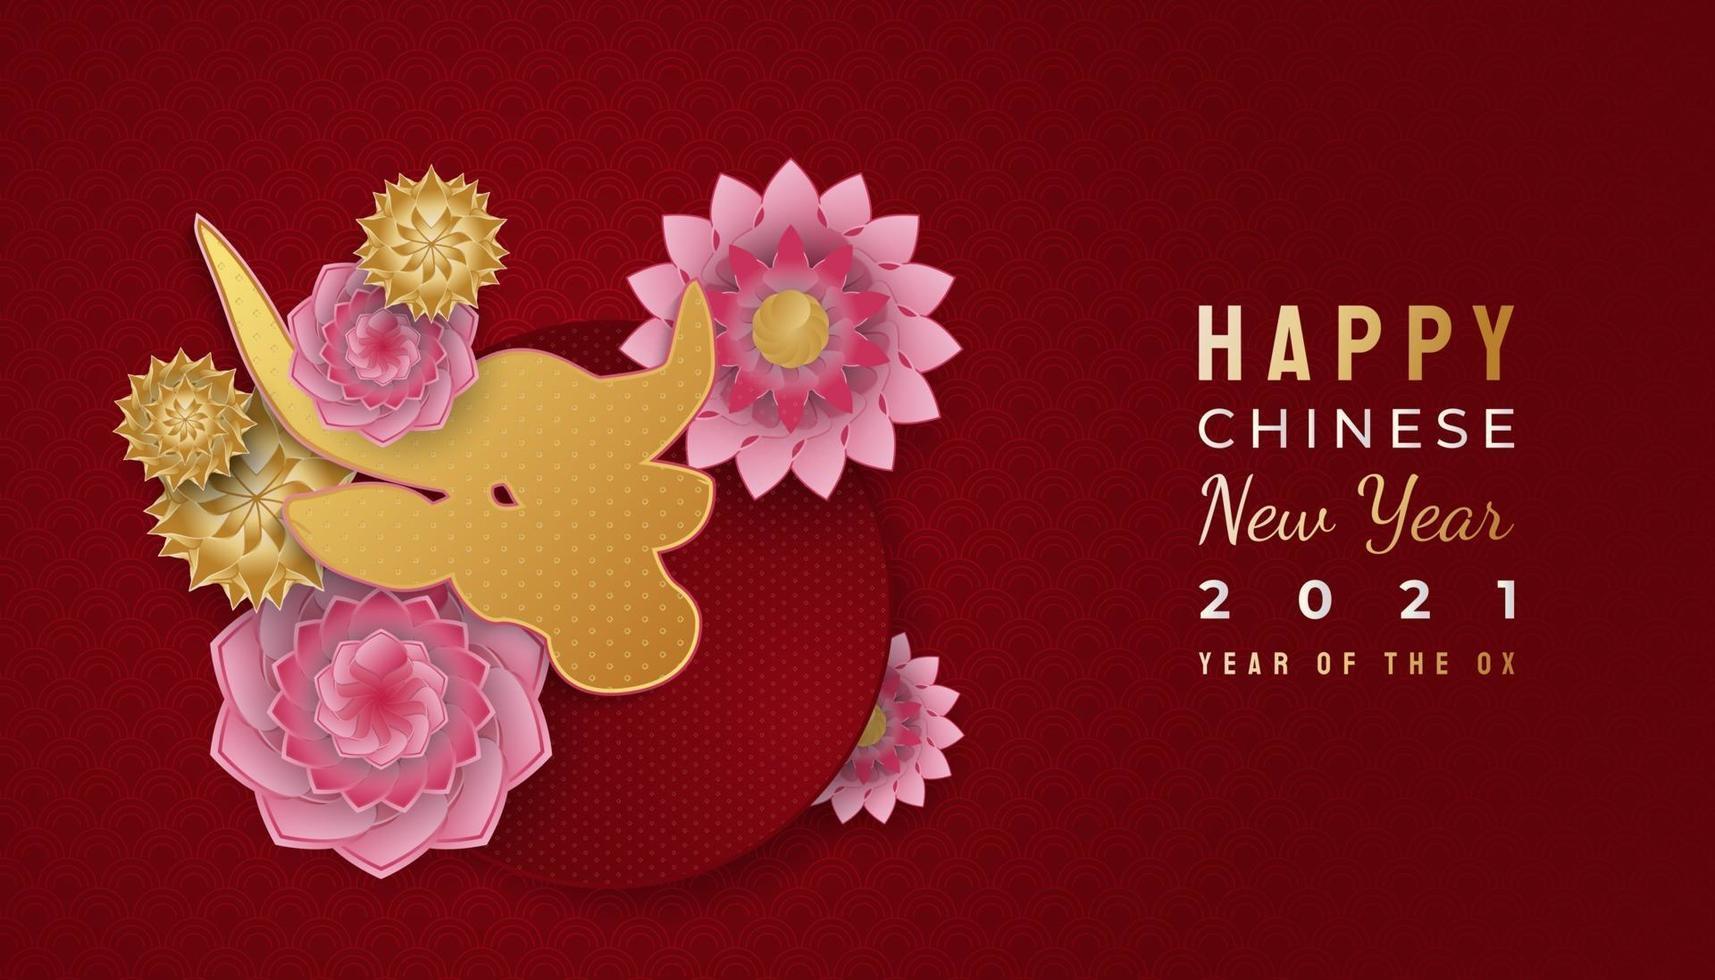 nouvel an chinois 2021 année du bœuf. Bonne année lunaire bannière avec bœuf doré et ornements de fleurs colorées sur fond rouge vecteur